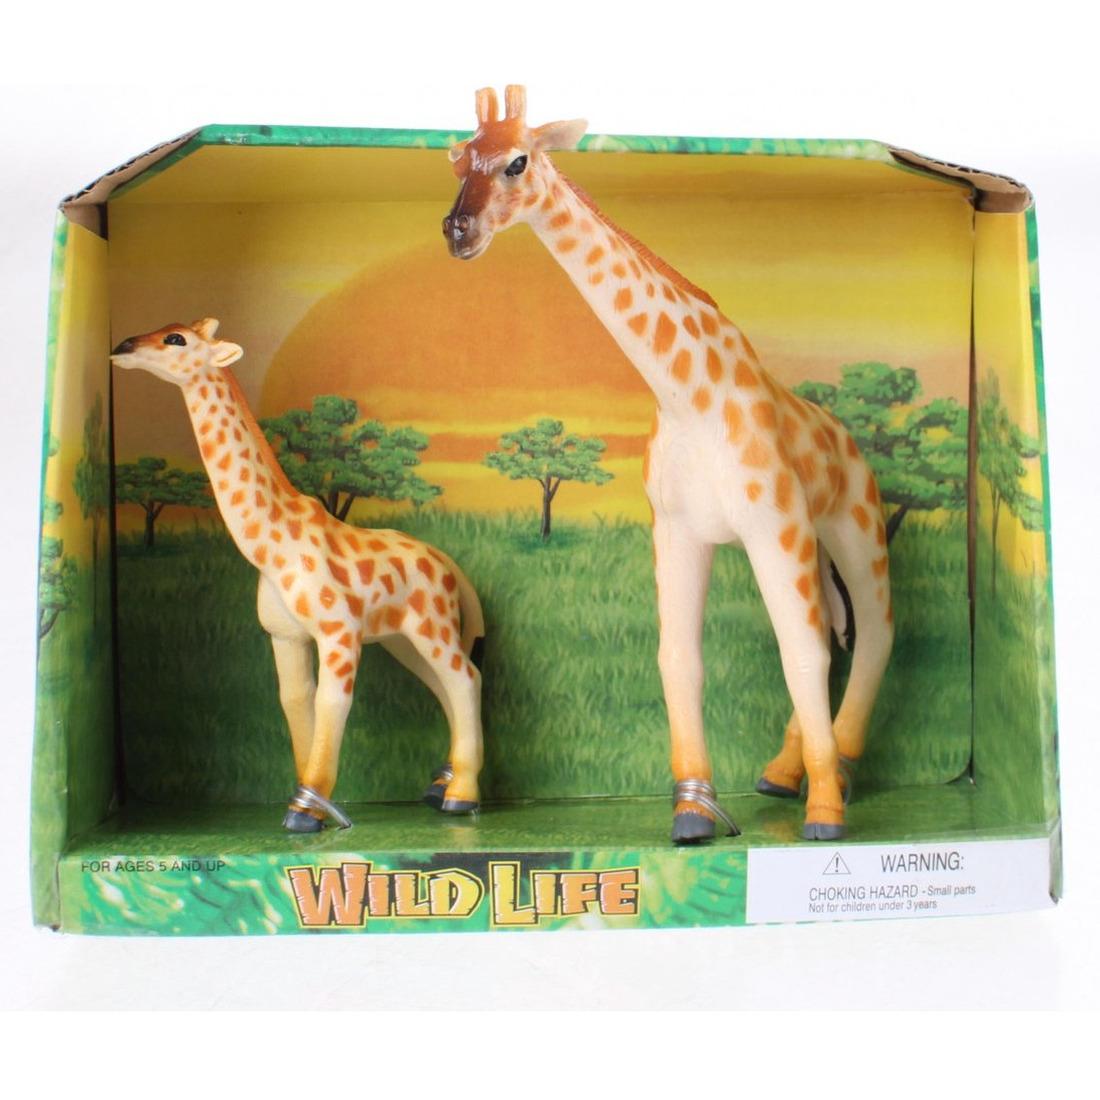 Plastic giraffe met kalf speelgoed voor kinderen